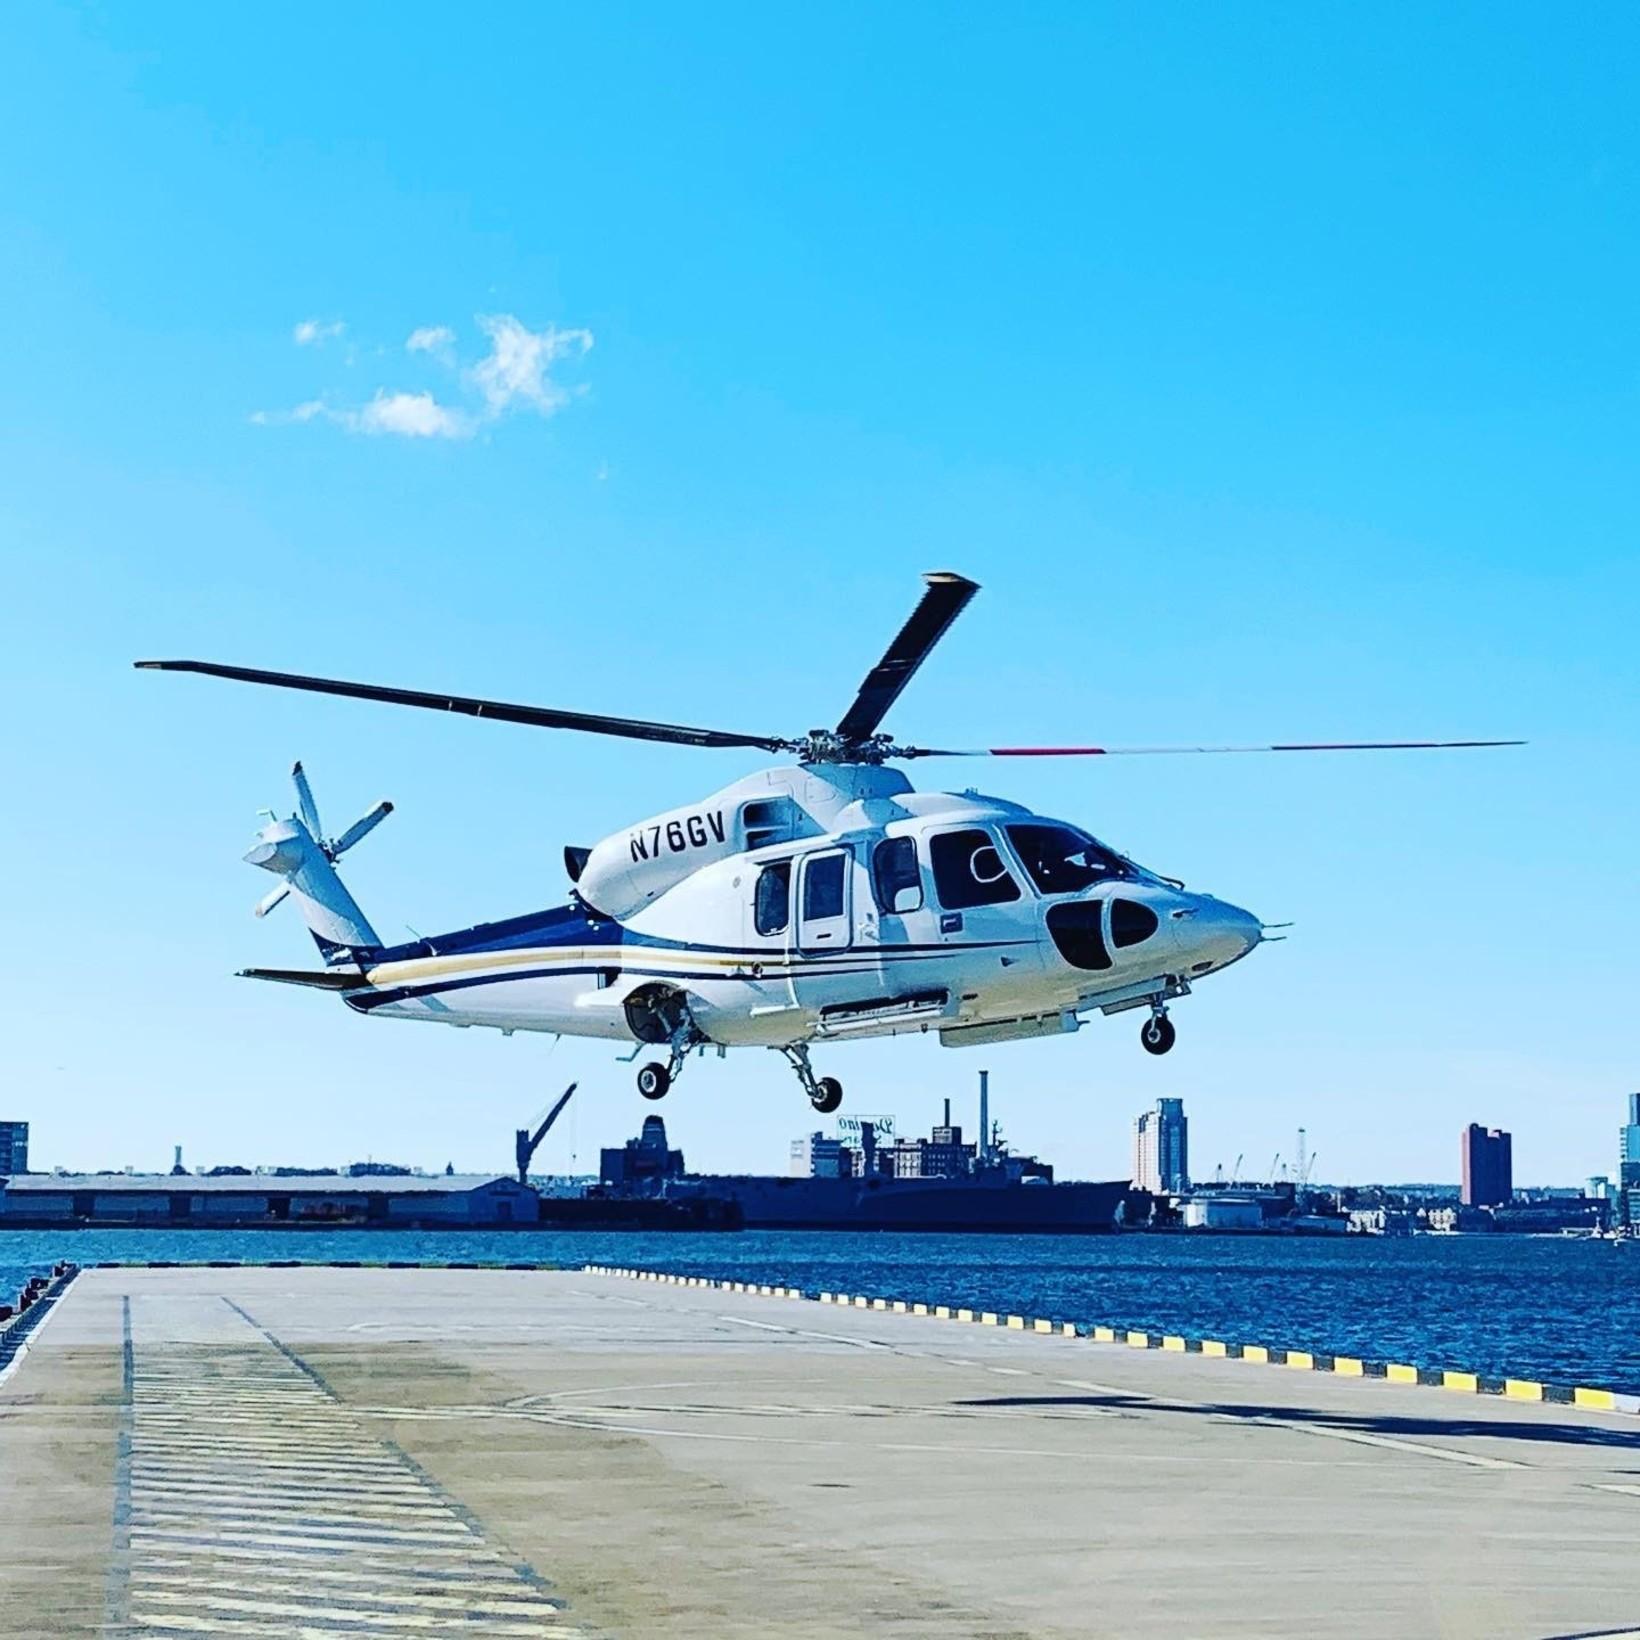 Sikorsky 76D